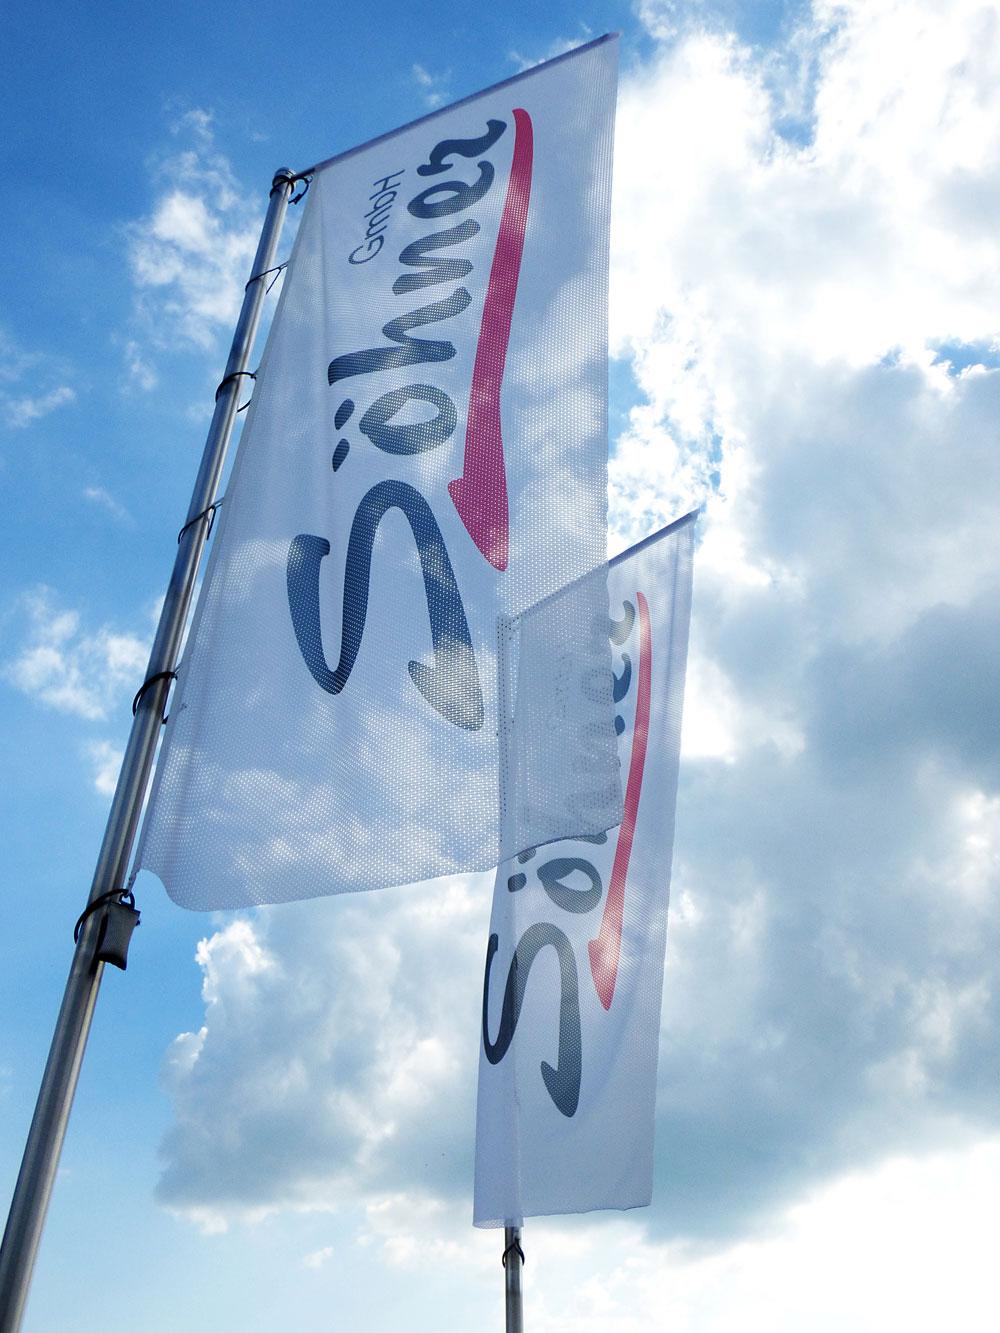 Flagge-Sohner-Werbung